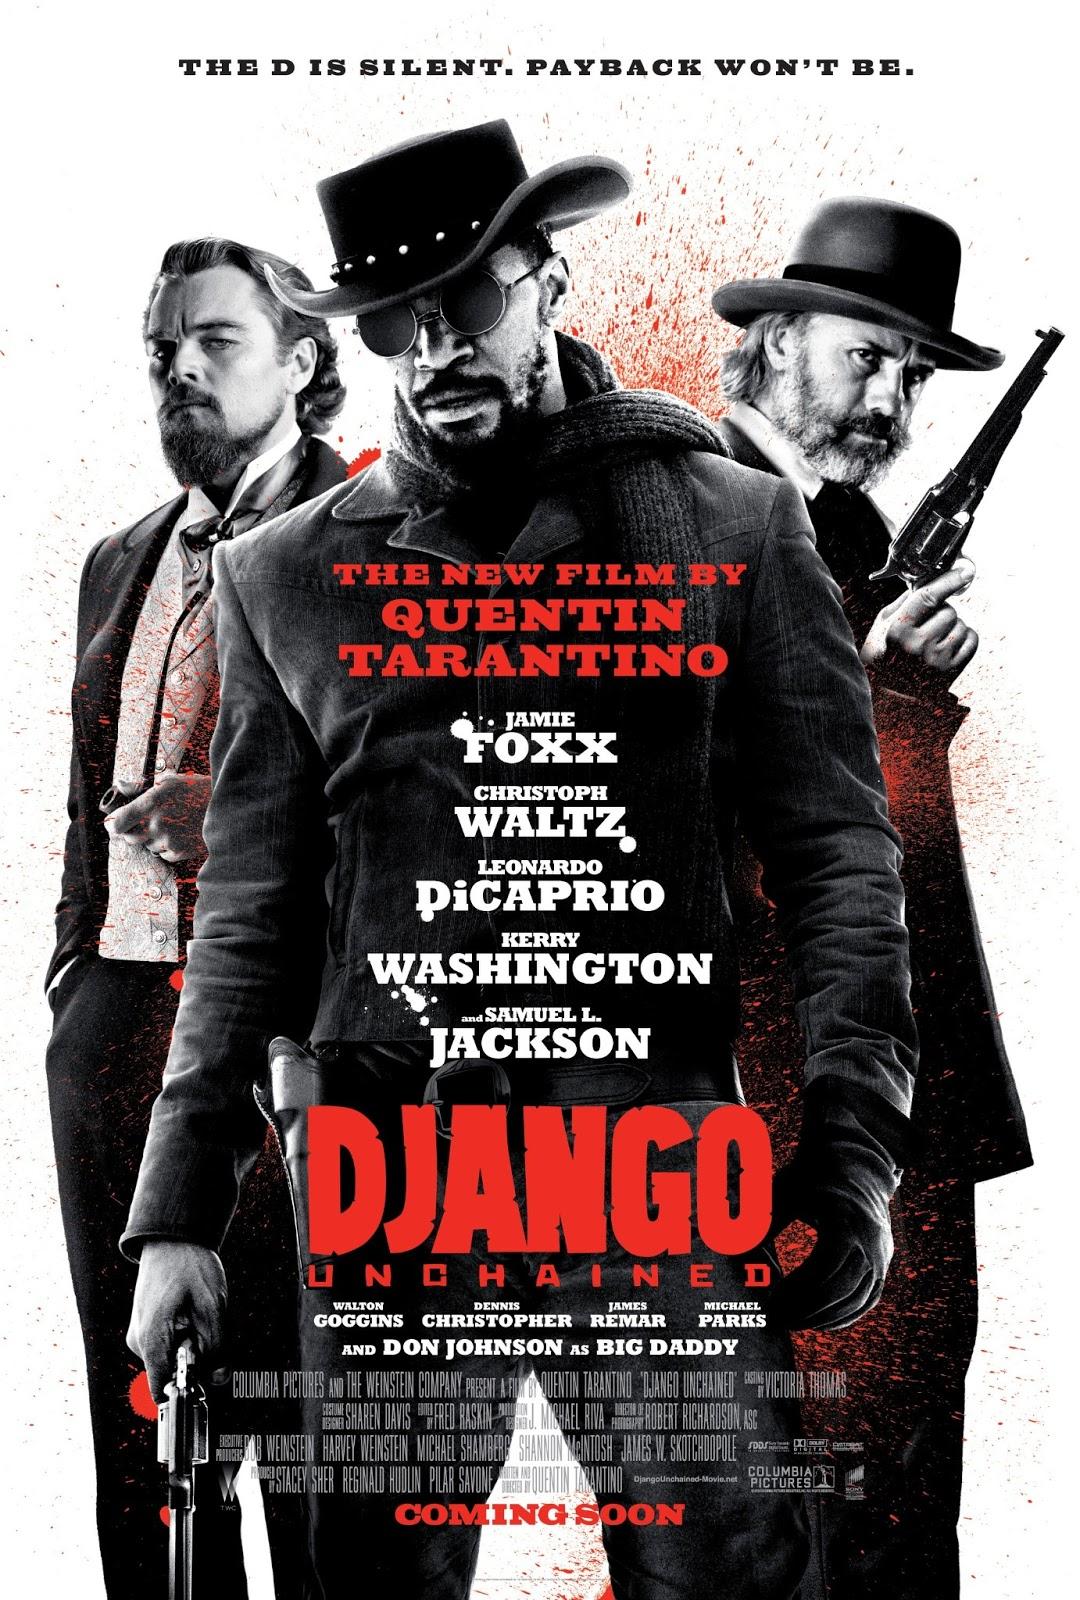 Django Unchained Poster Artwork